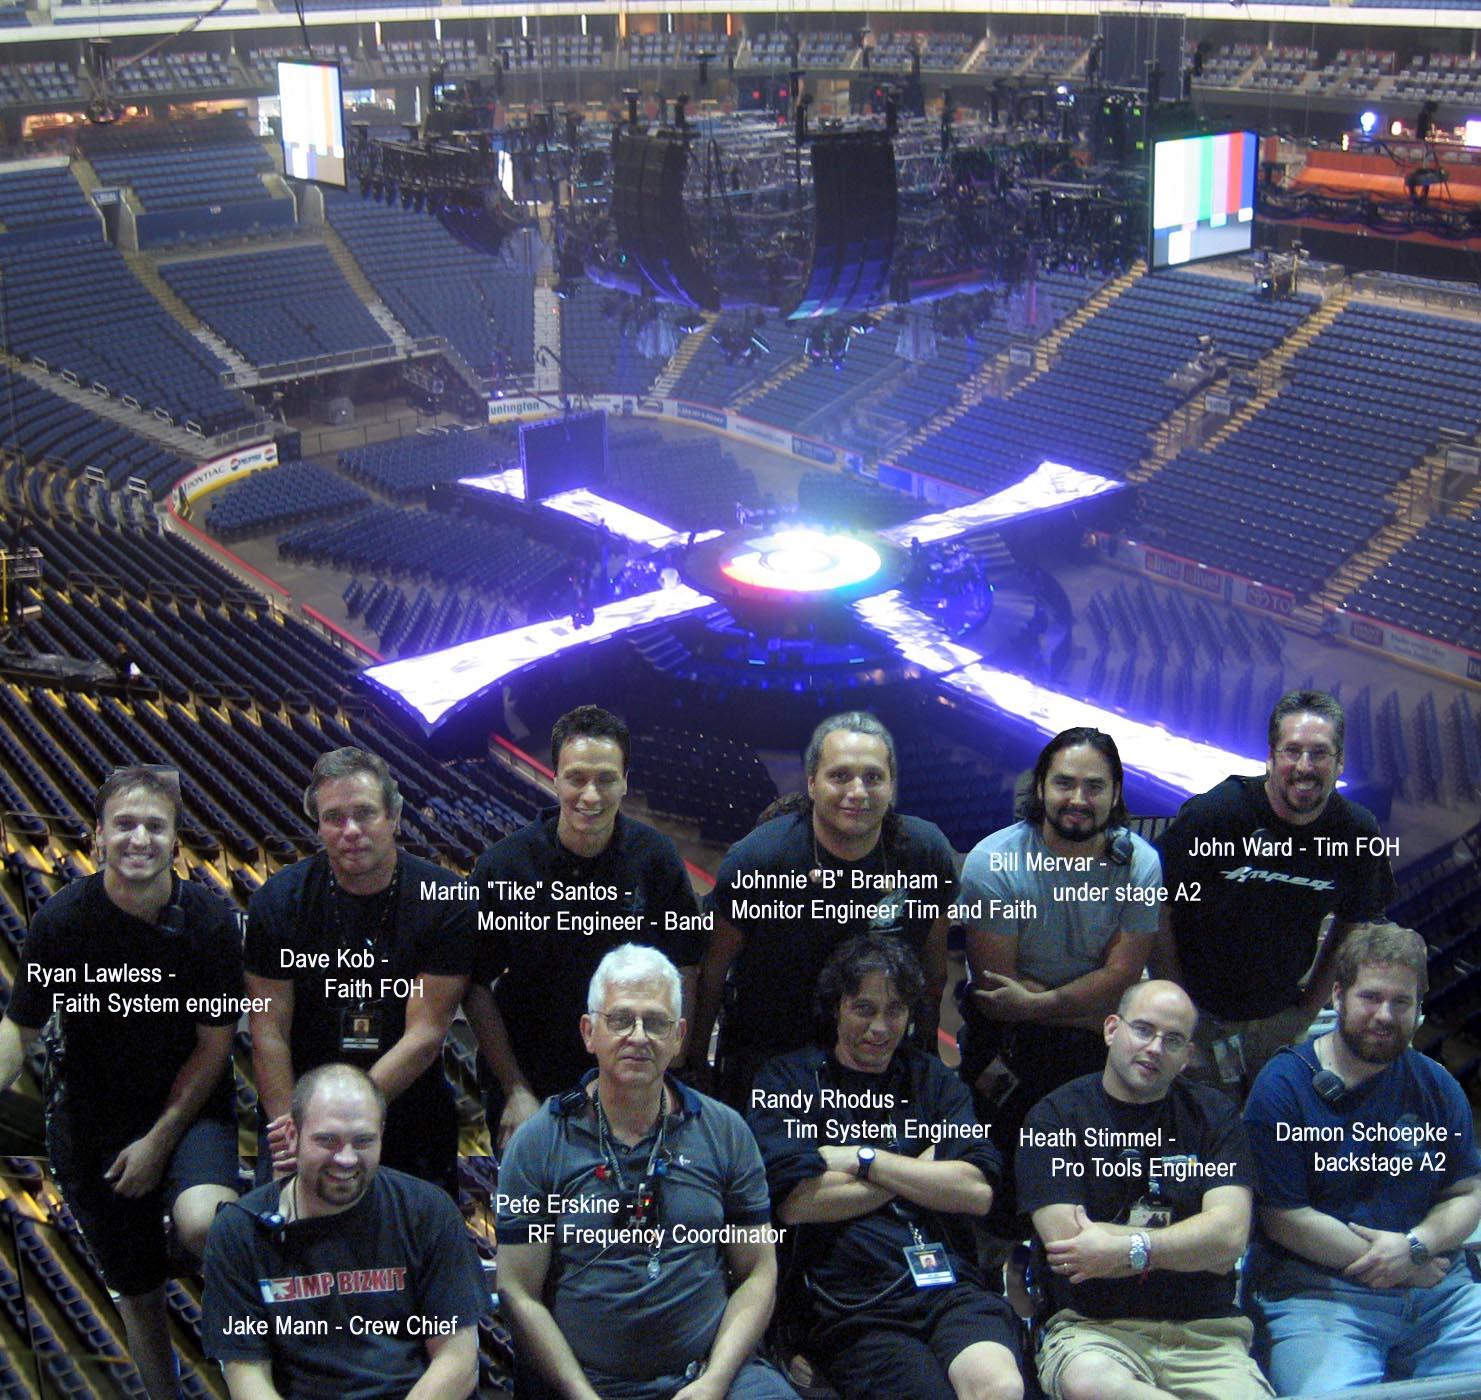 Audio crew for S2S 2007